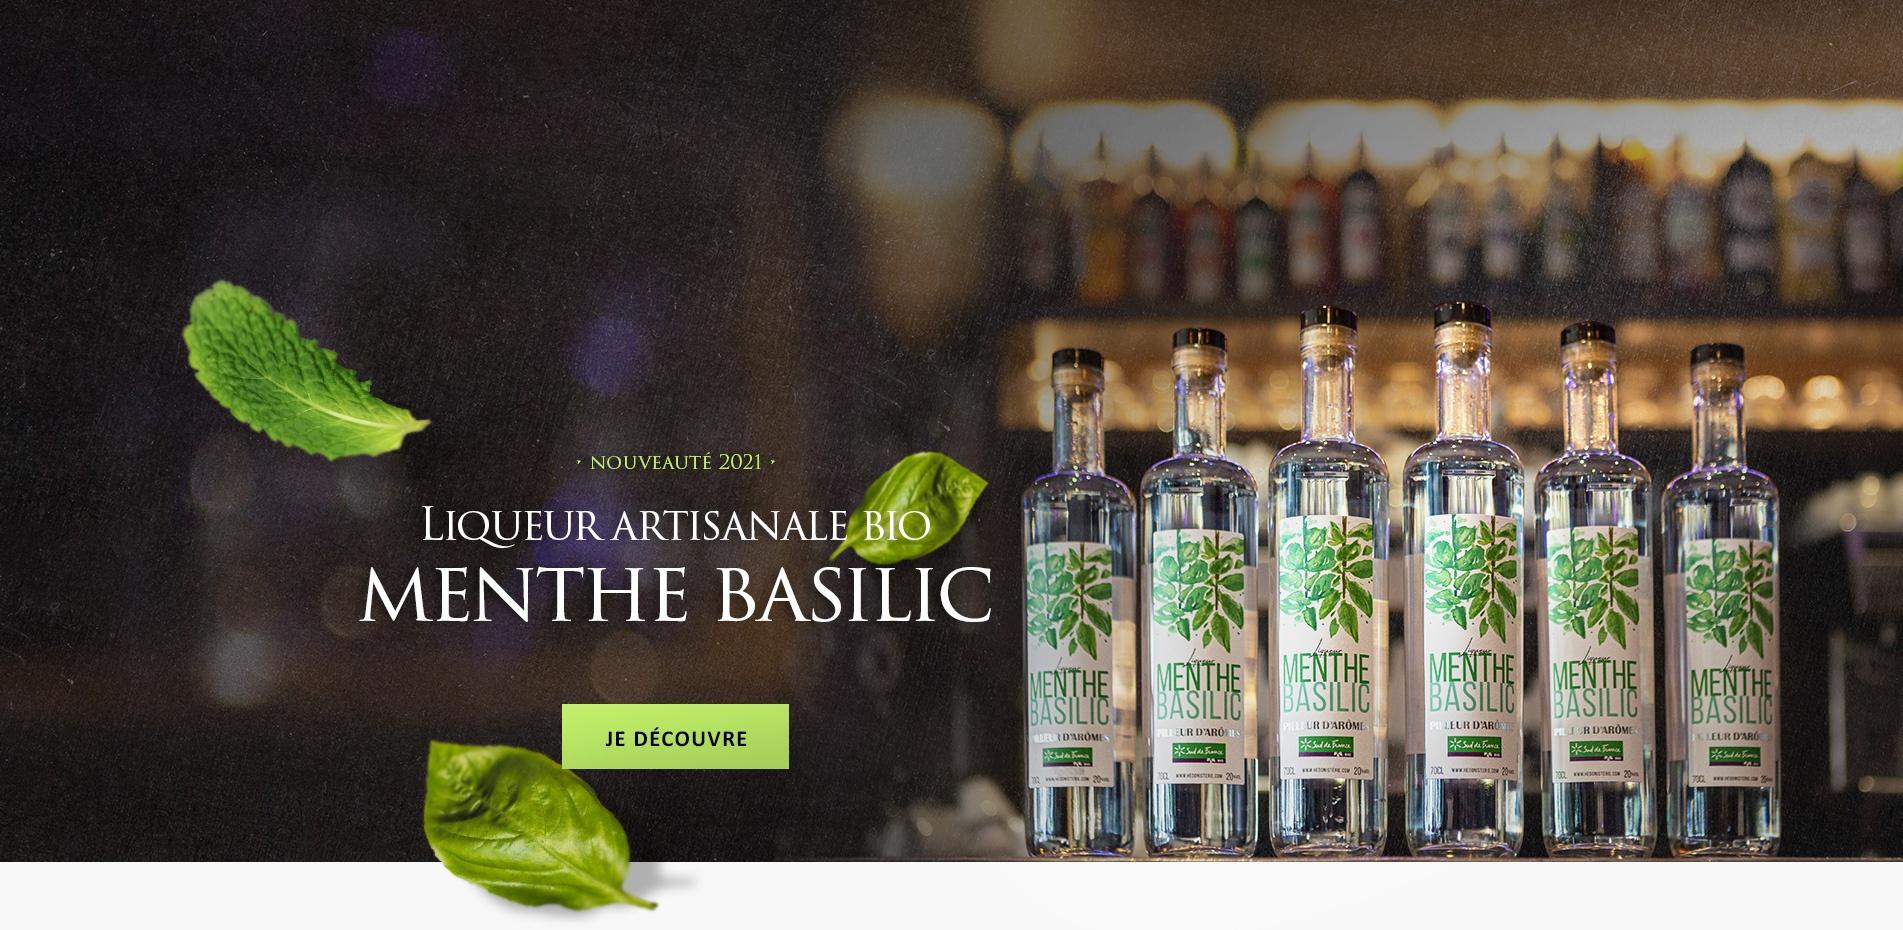 Liqueur produite artisanalement à partir d'ingrédients 100% naturels